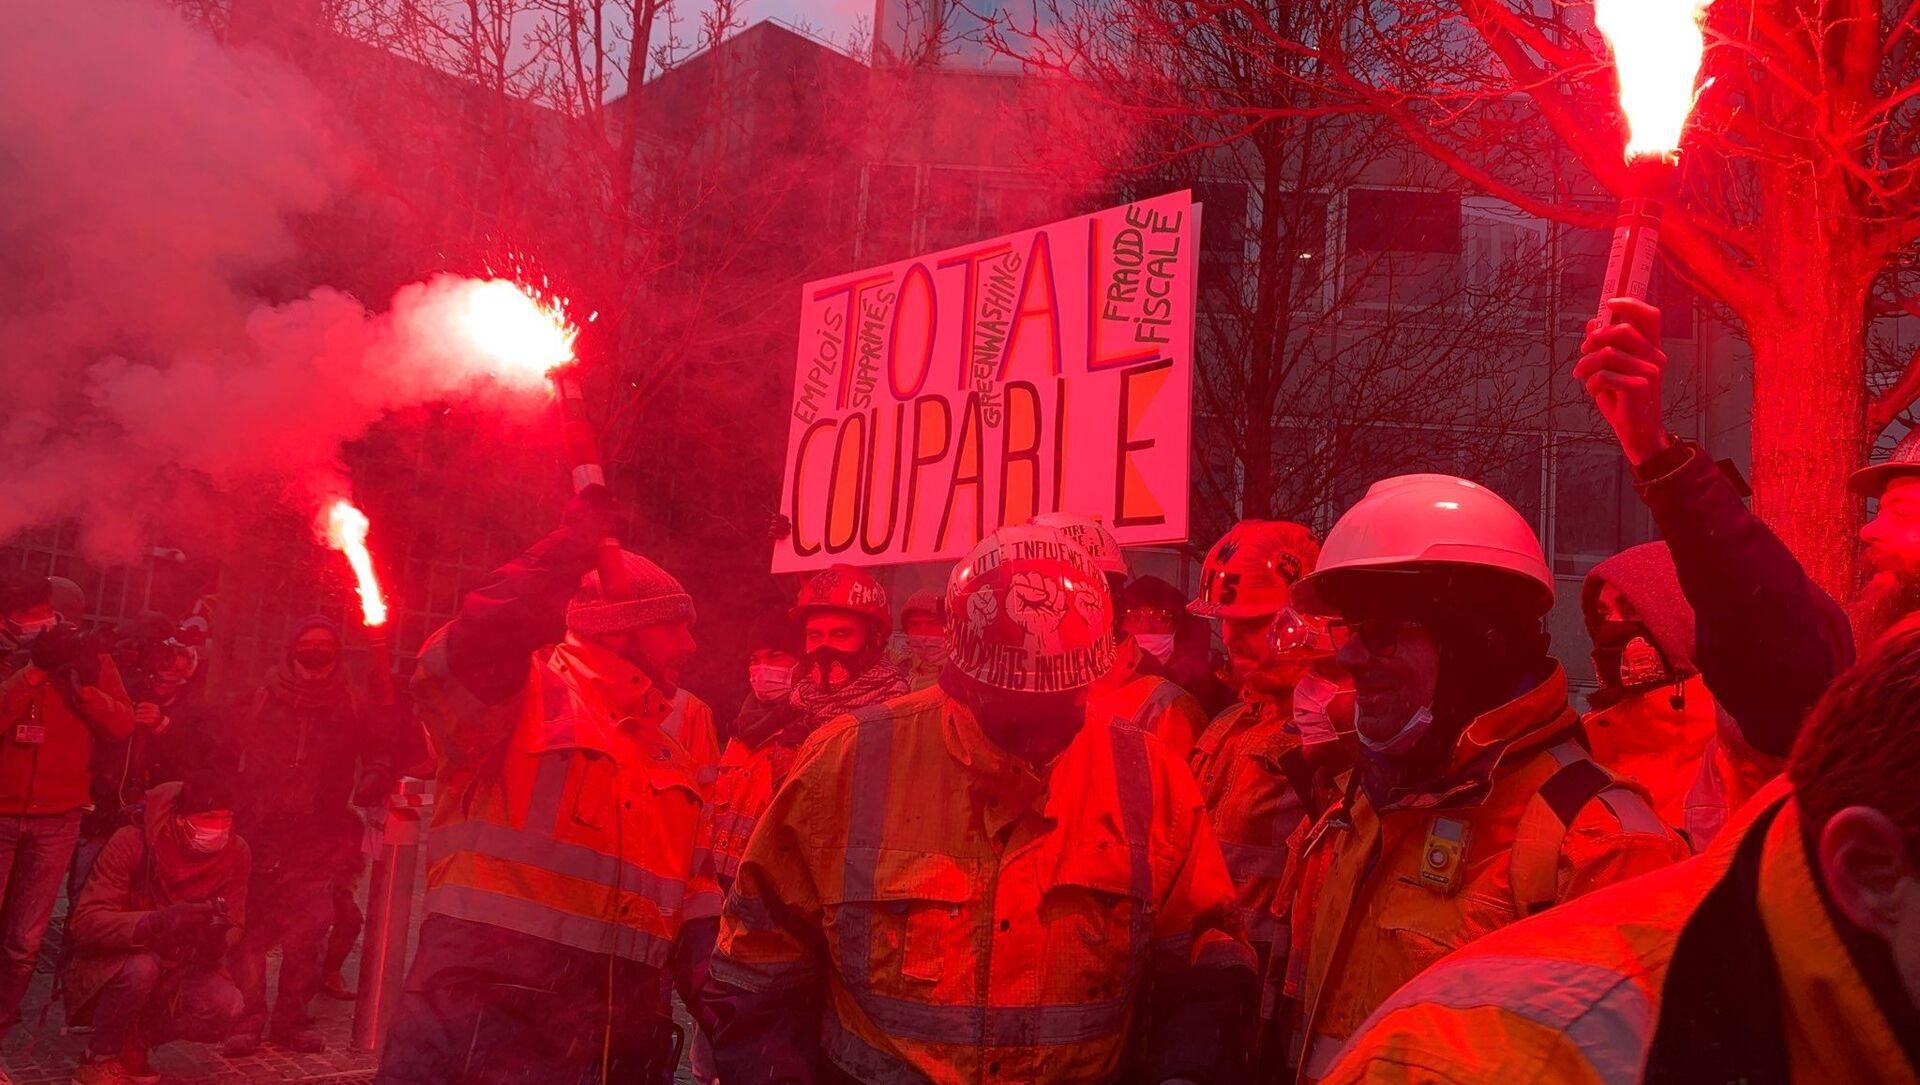 Une action de contestation des salariés de la raffinerie de Grandpuits au pied du siège de Total, 9 février 2021  - Sputnik France, 1920, 09.02.2021